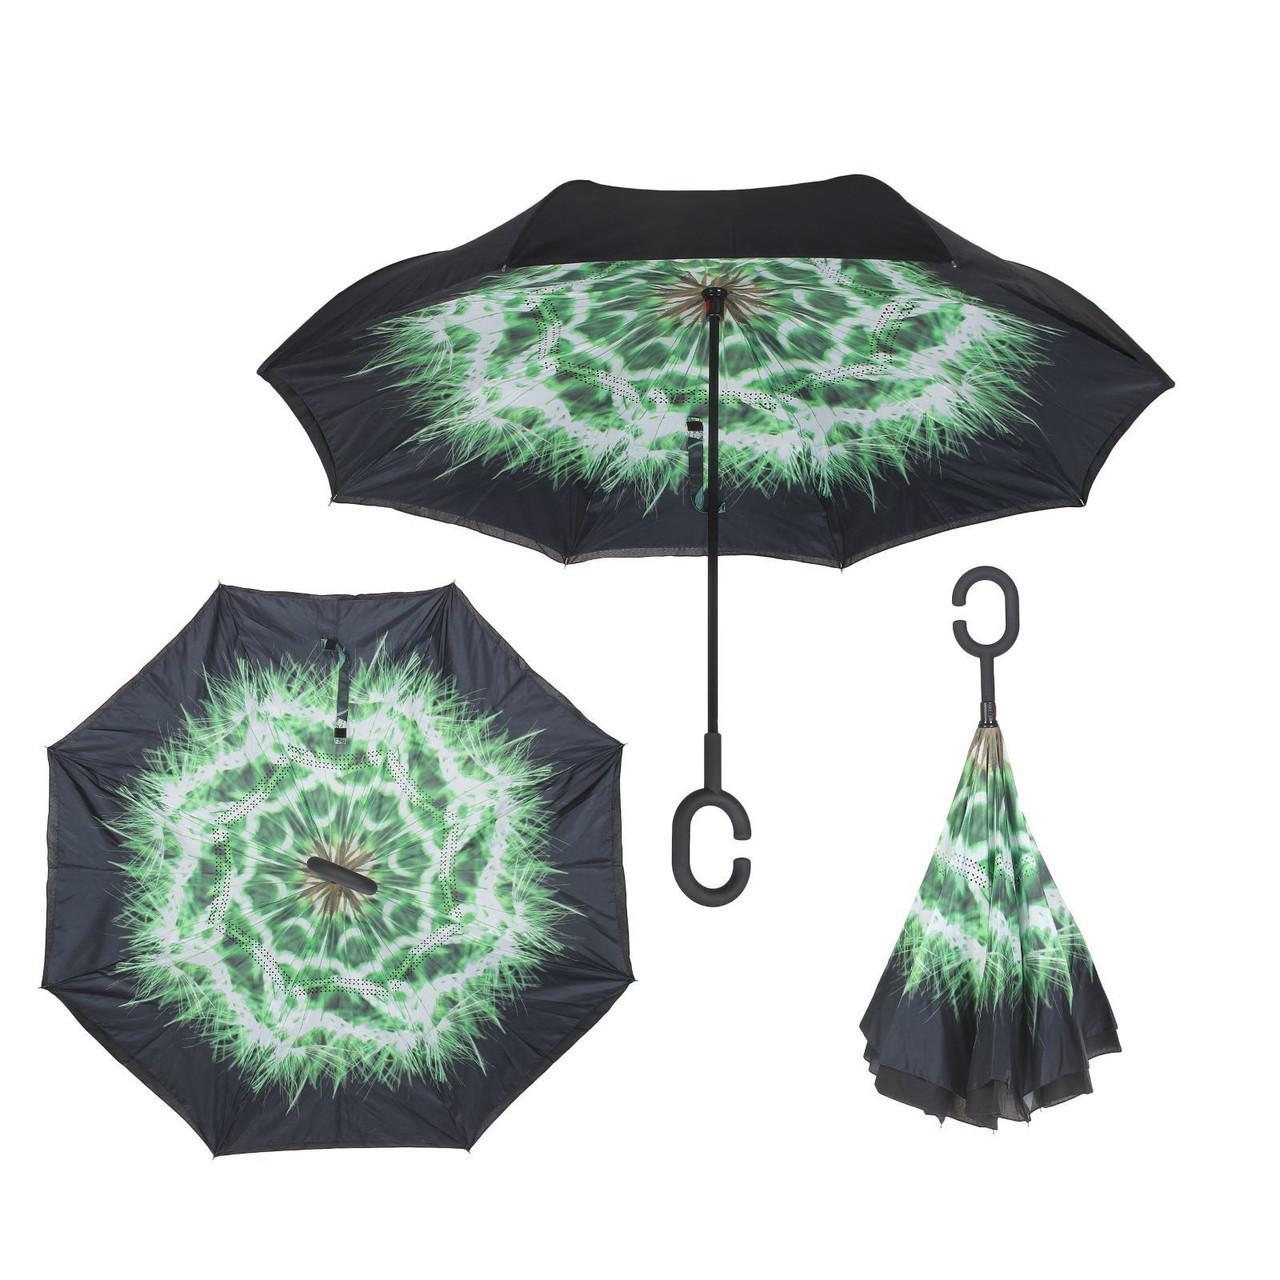 Ветрозащитный зонт Up-Brella антизонт Зонт обратного сложения (Одуванчик)